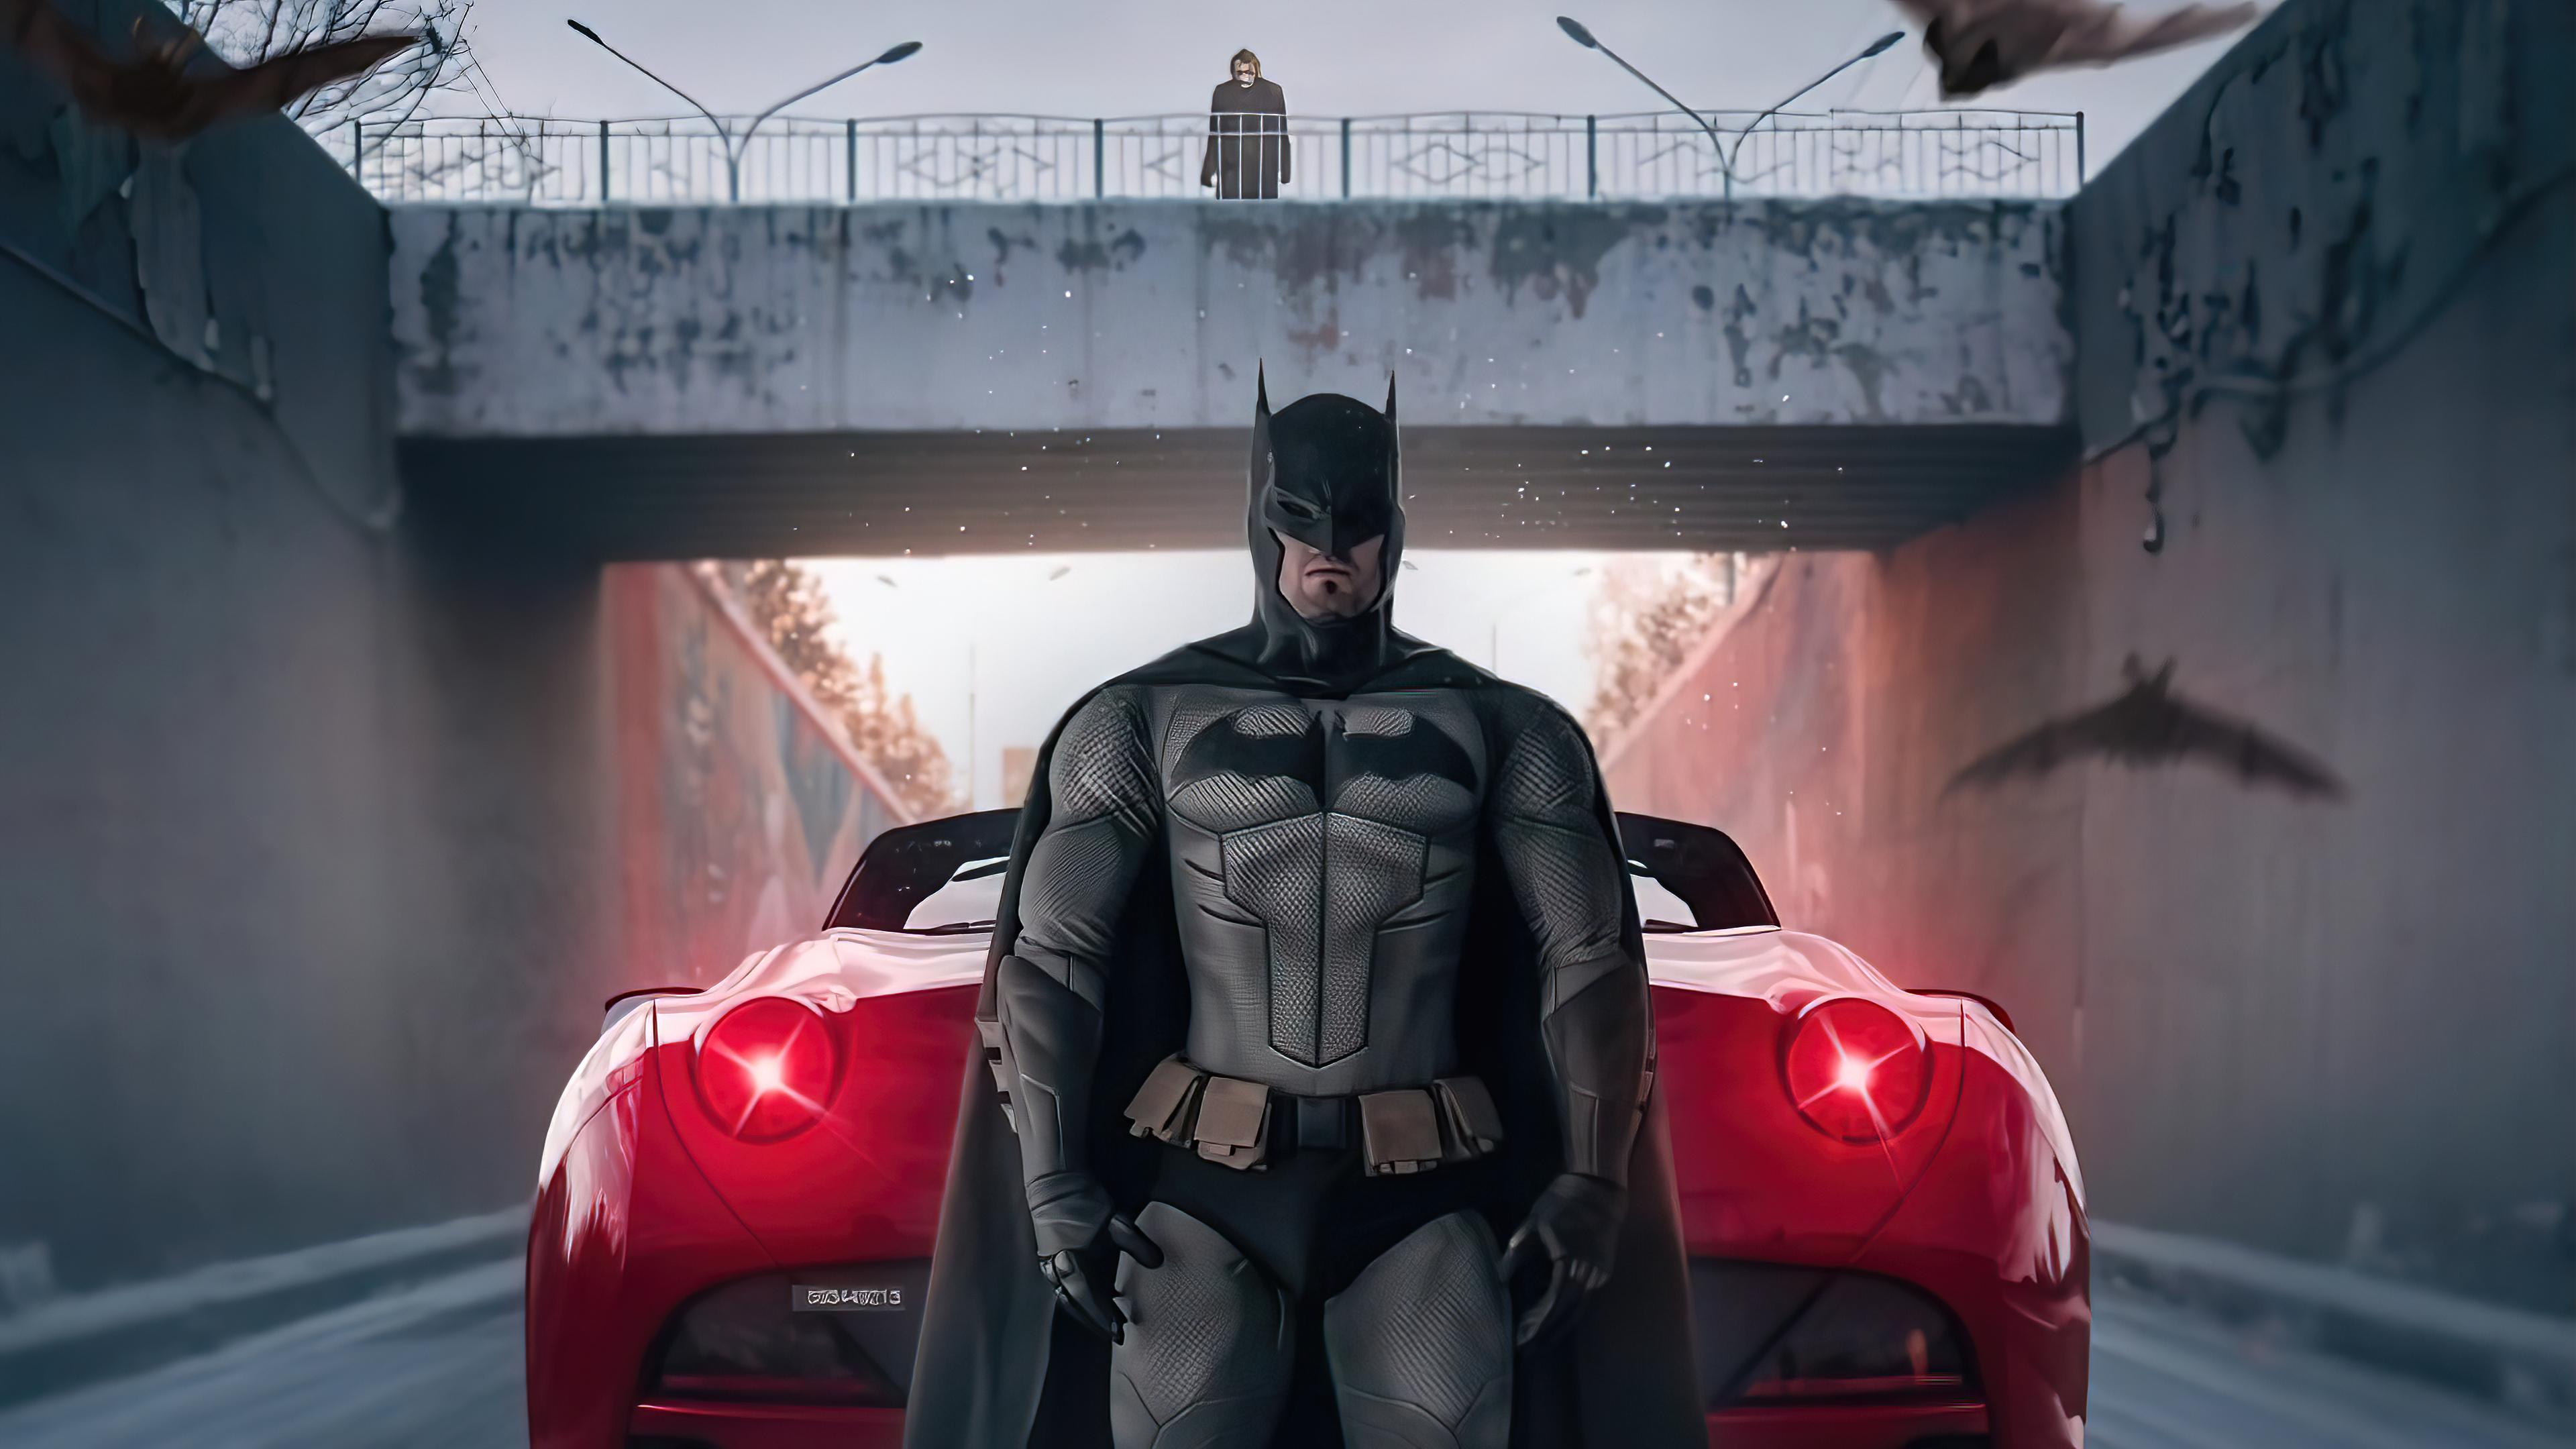 Fondos de pantalla Batman Fanart 2021